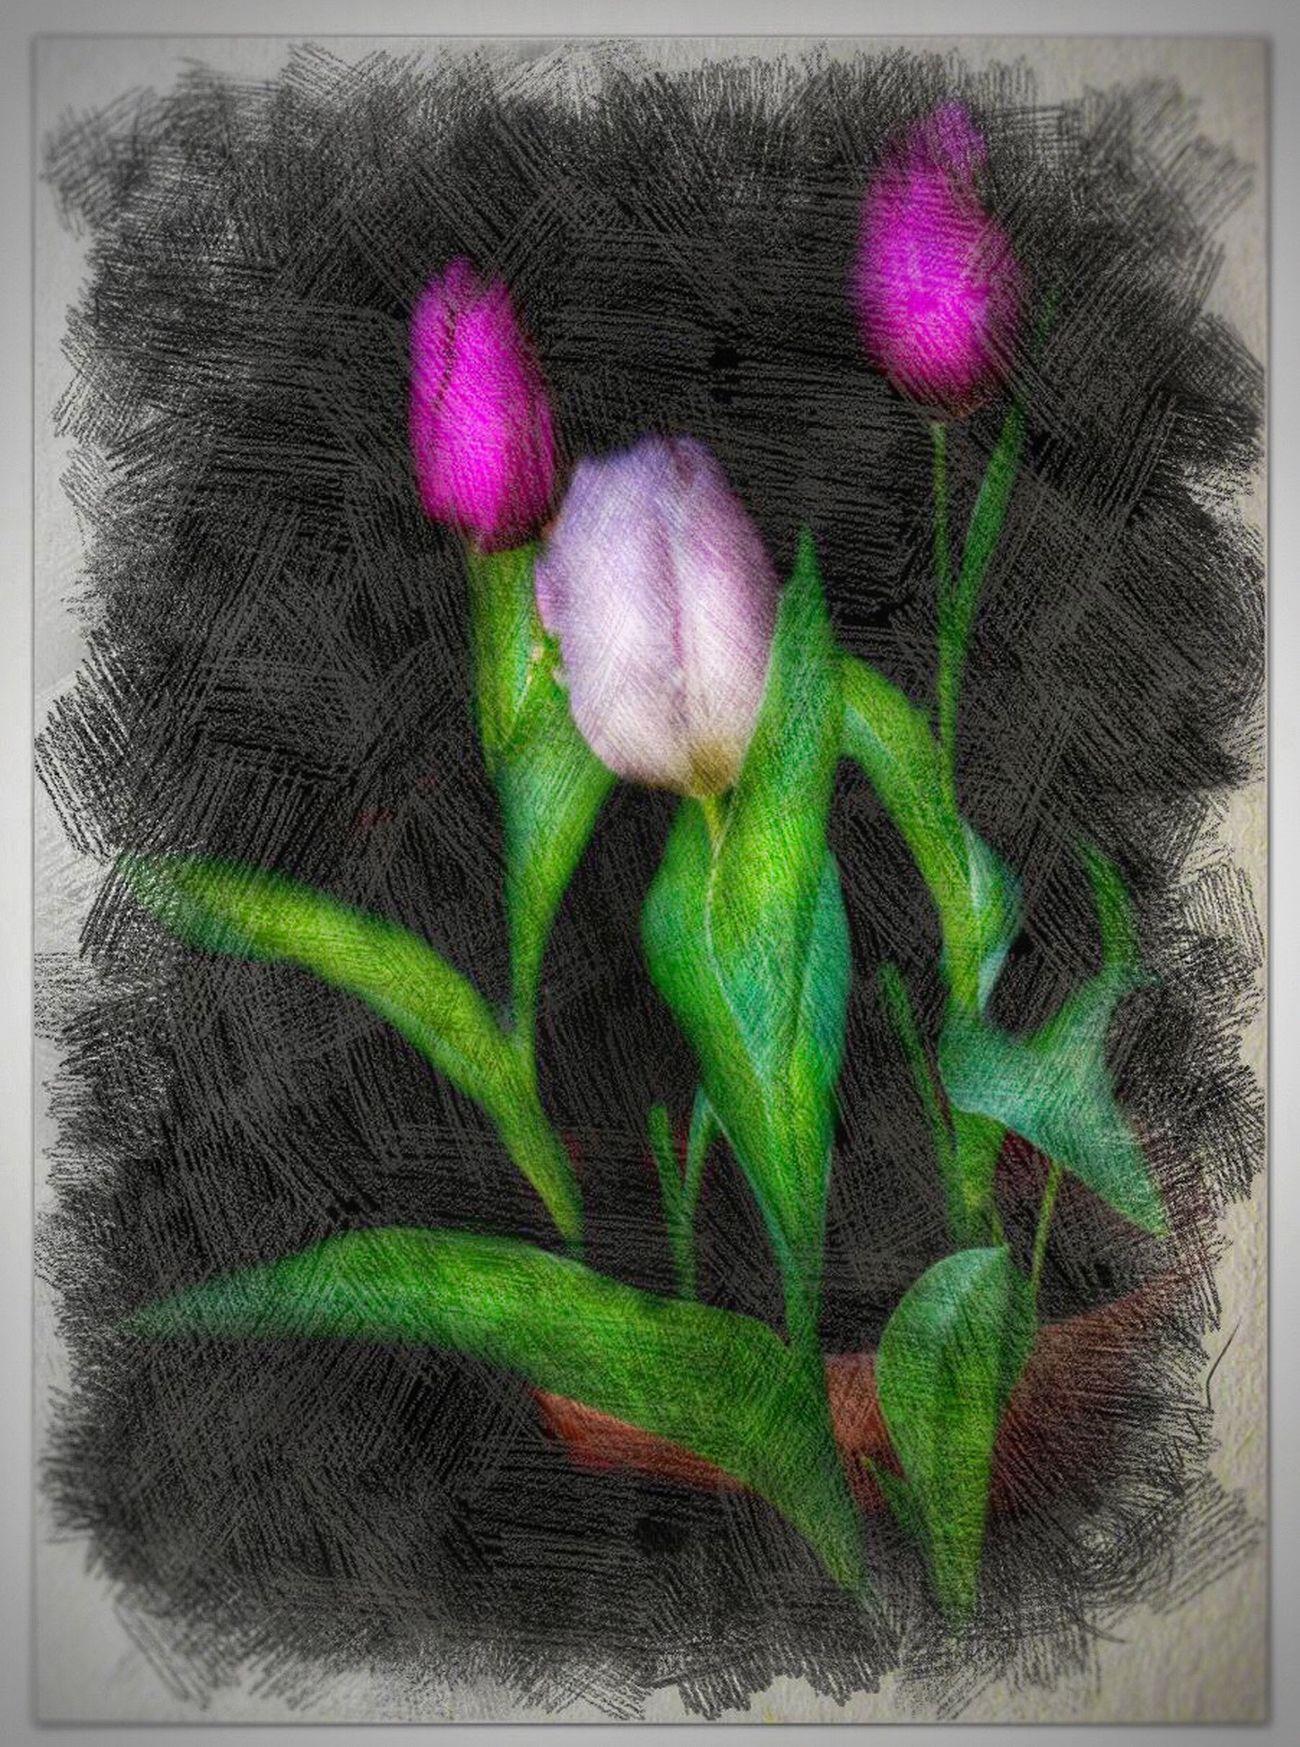 Flowers IPhoneography Photolabpro Painterly Peggyshobbies.com